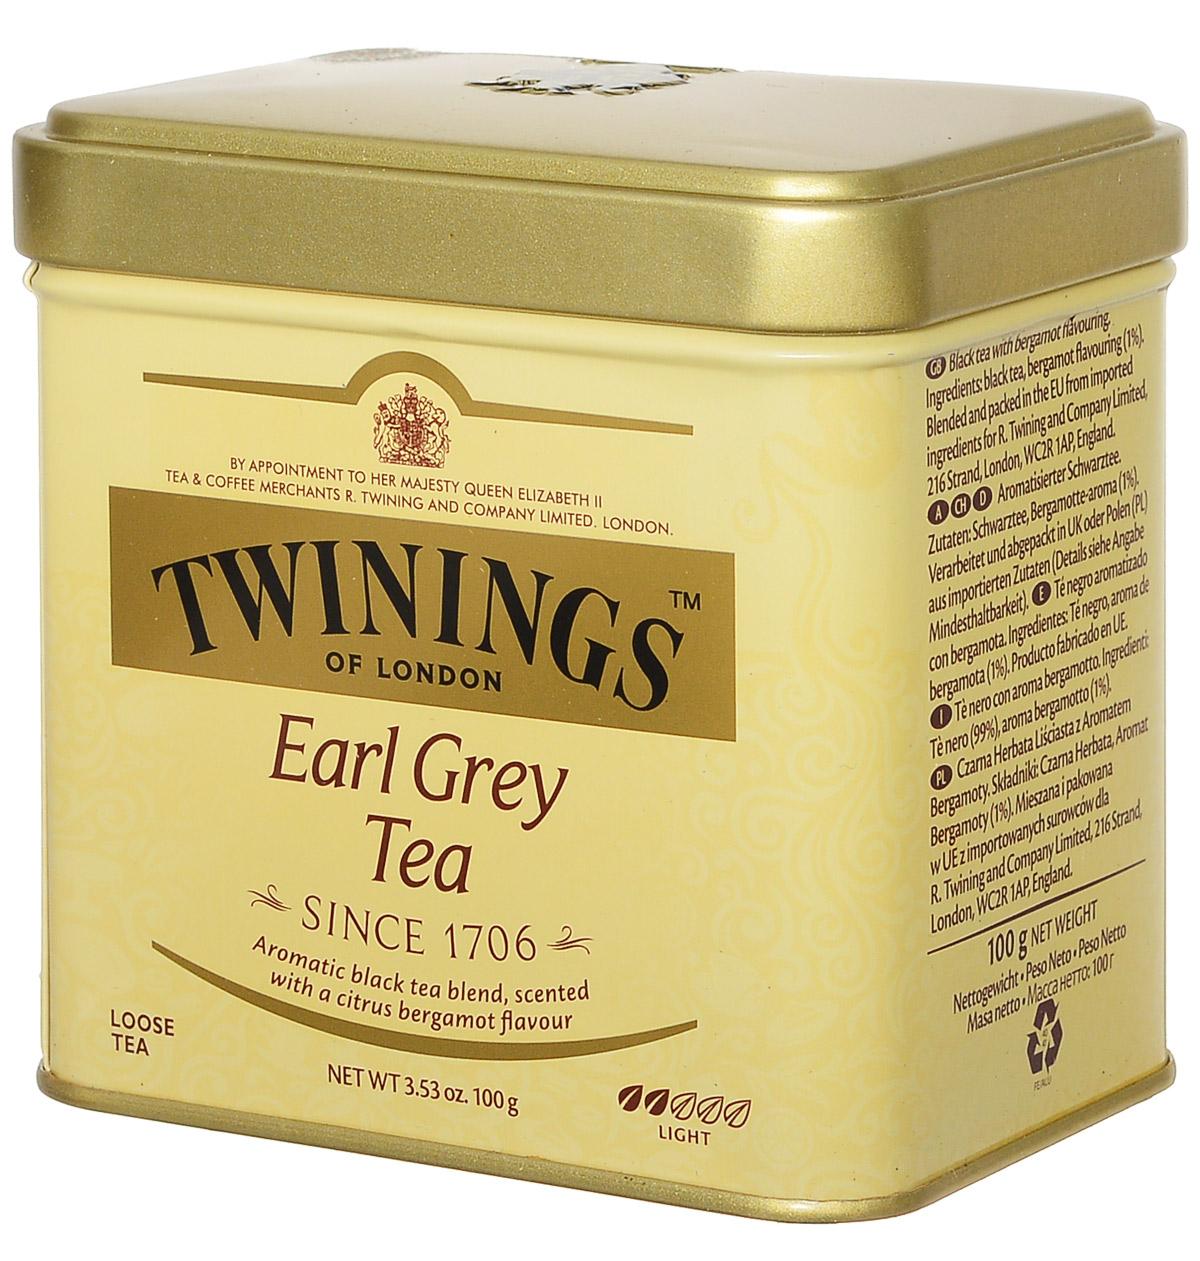 Twinings Earl Grey Tea черный ароматизированный листовой чай, 100 г (ж/б) ahmad tea earl grey черный листовой чай 100 г ж б